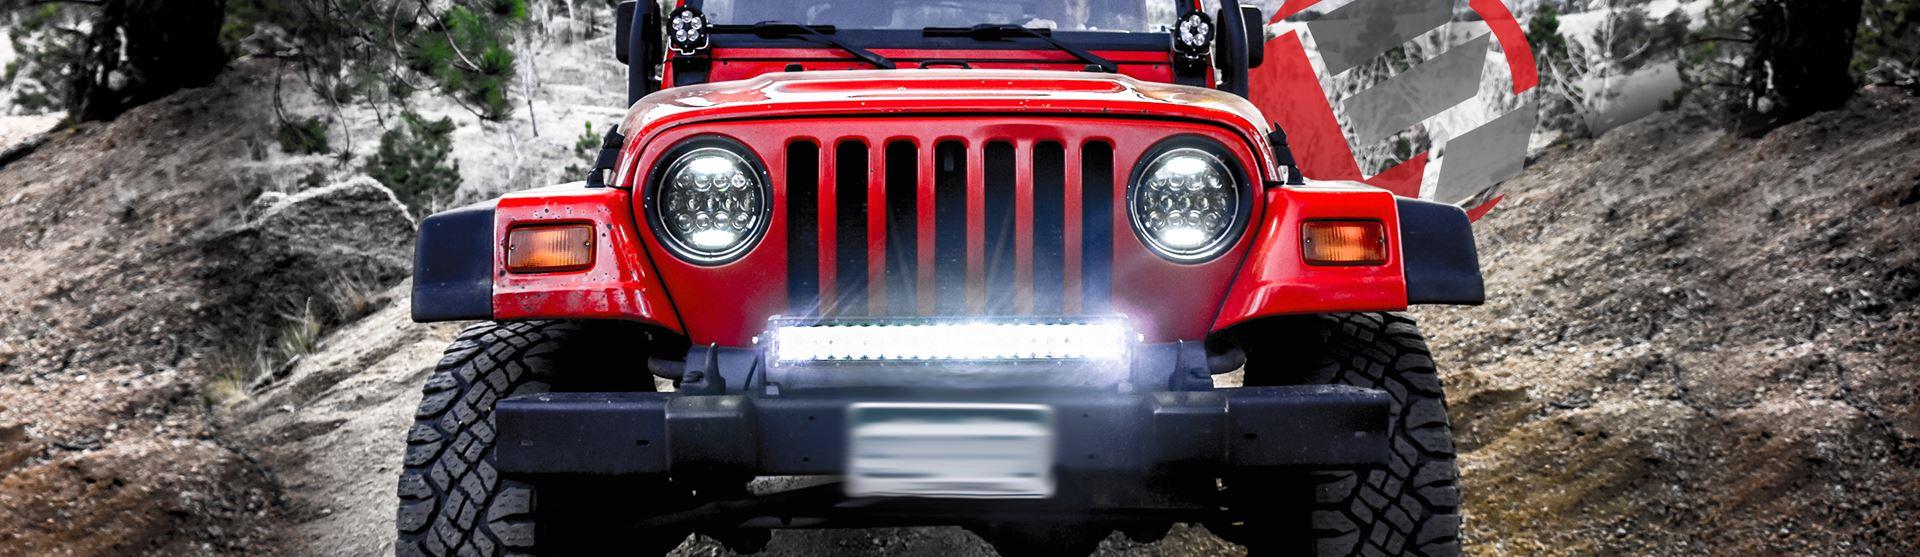 LED lys til Bil